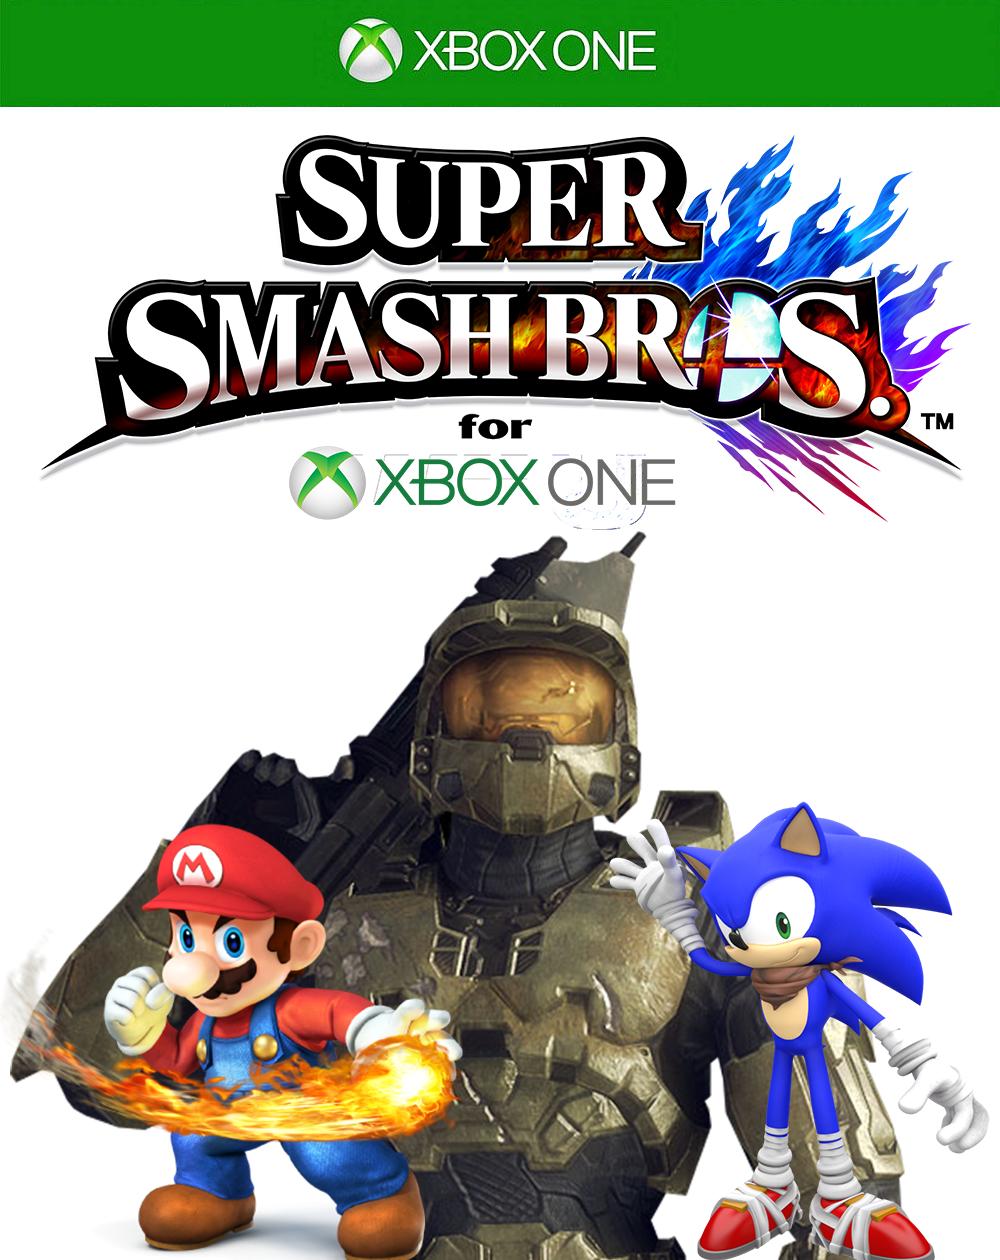 Mario Games For Xbox 1 : Super smash bros for xbox one fantendo nintendo fanon